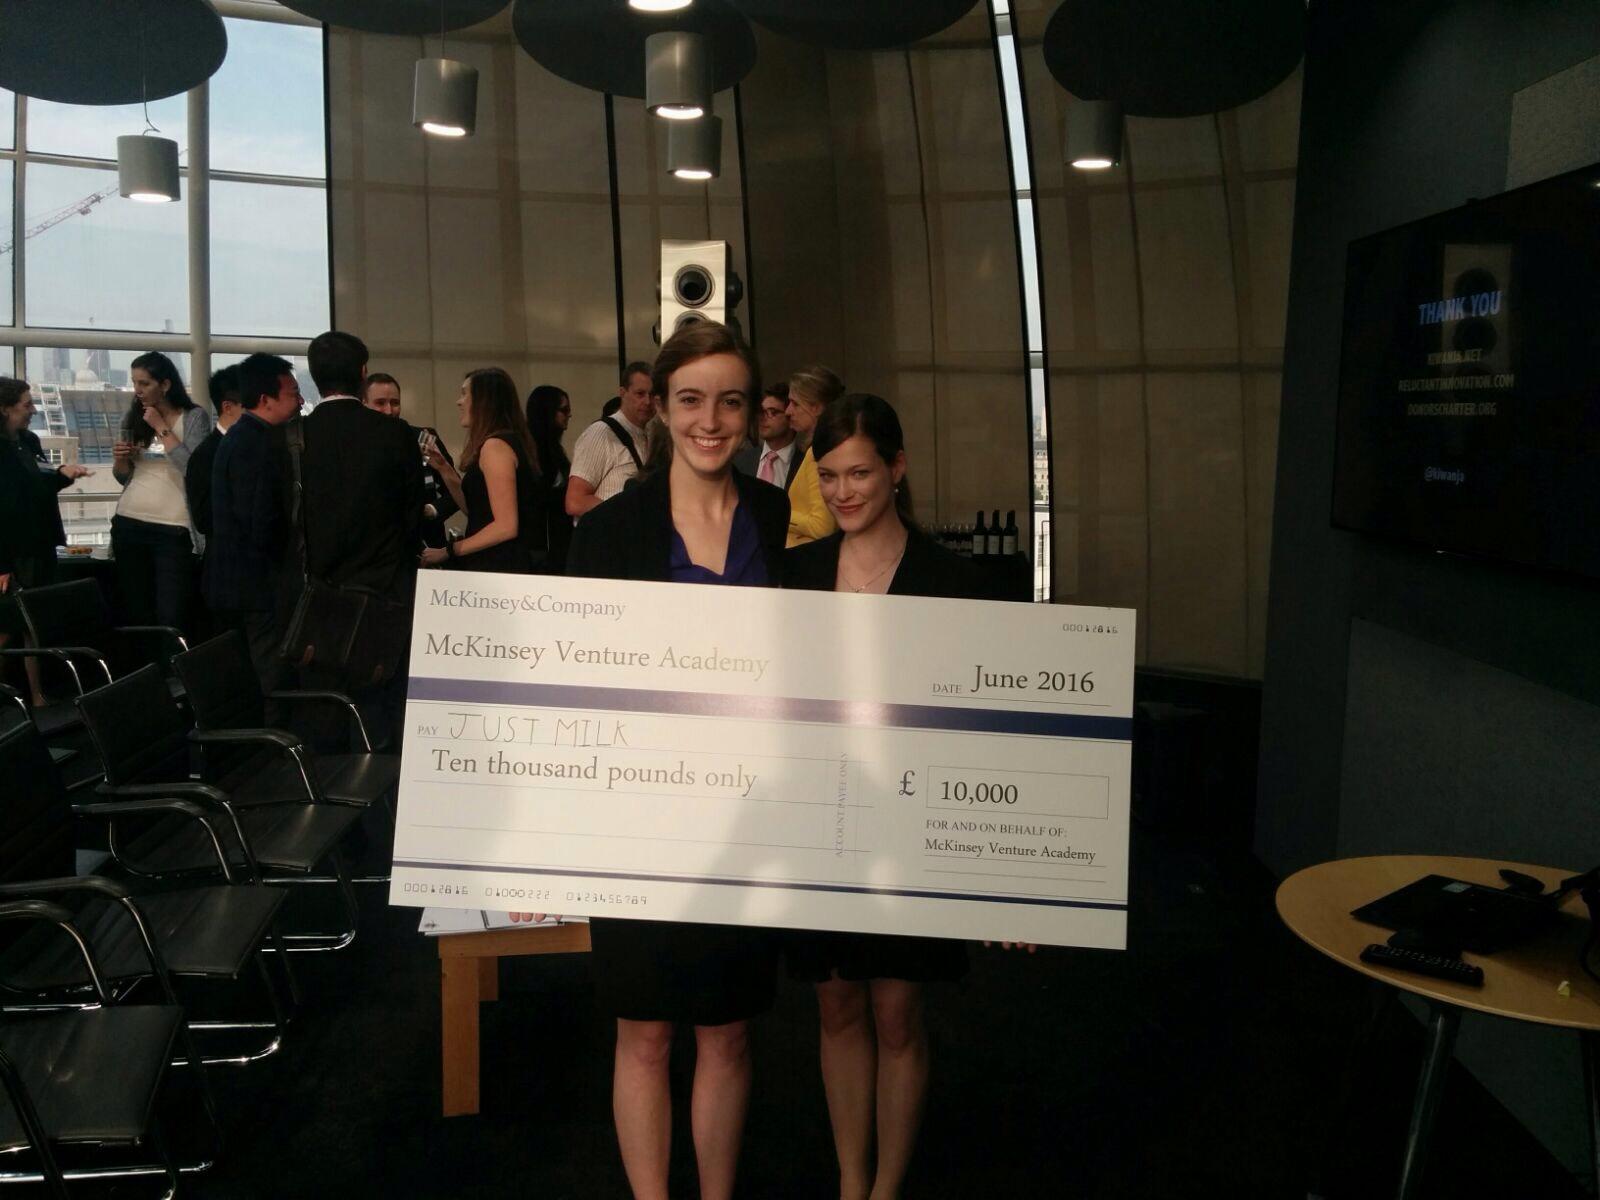 Social enterprise win for JustMilk Ltd